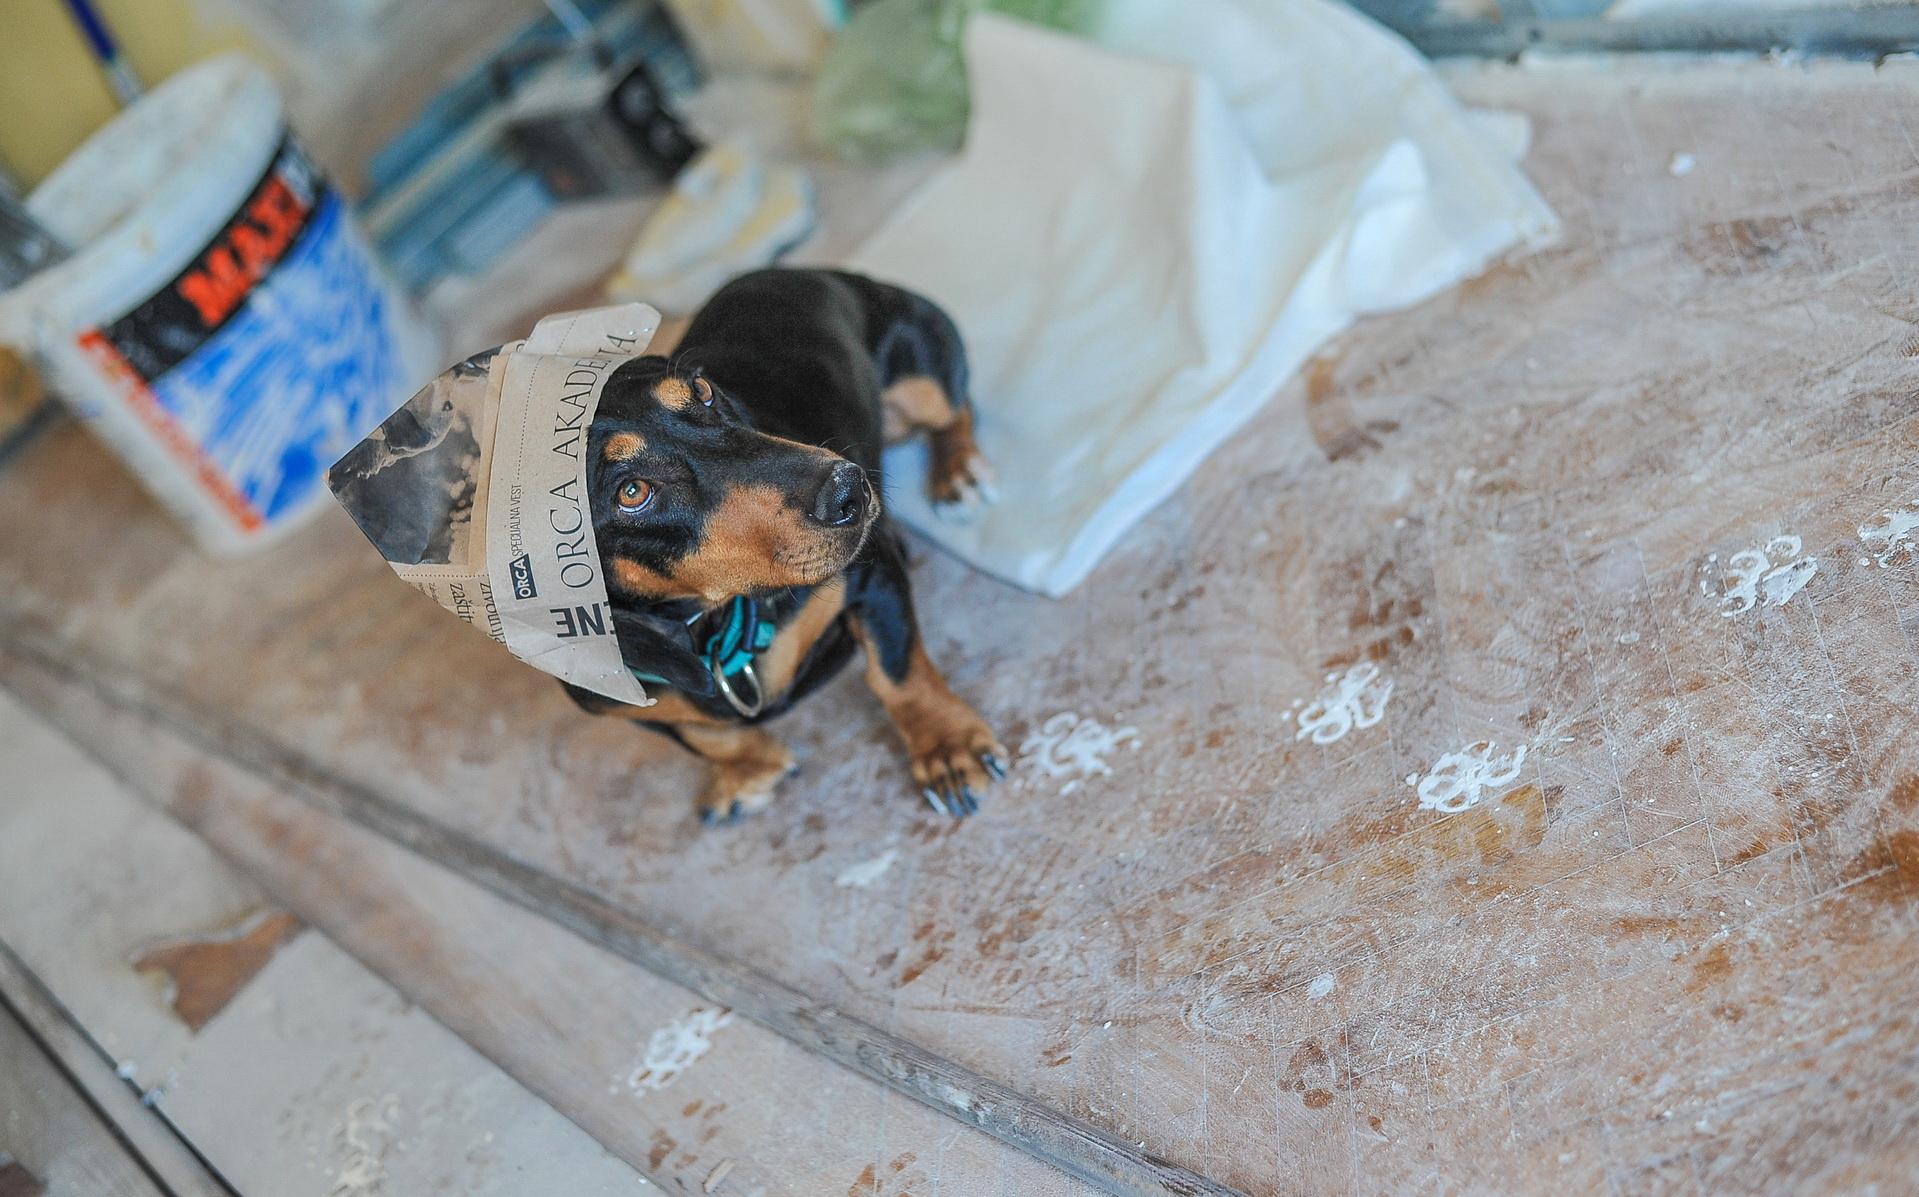 Pas Laki učestvuje u krečenju stana